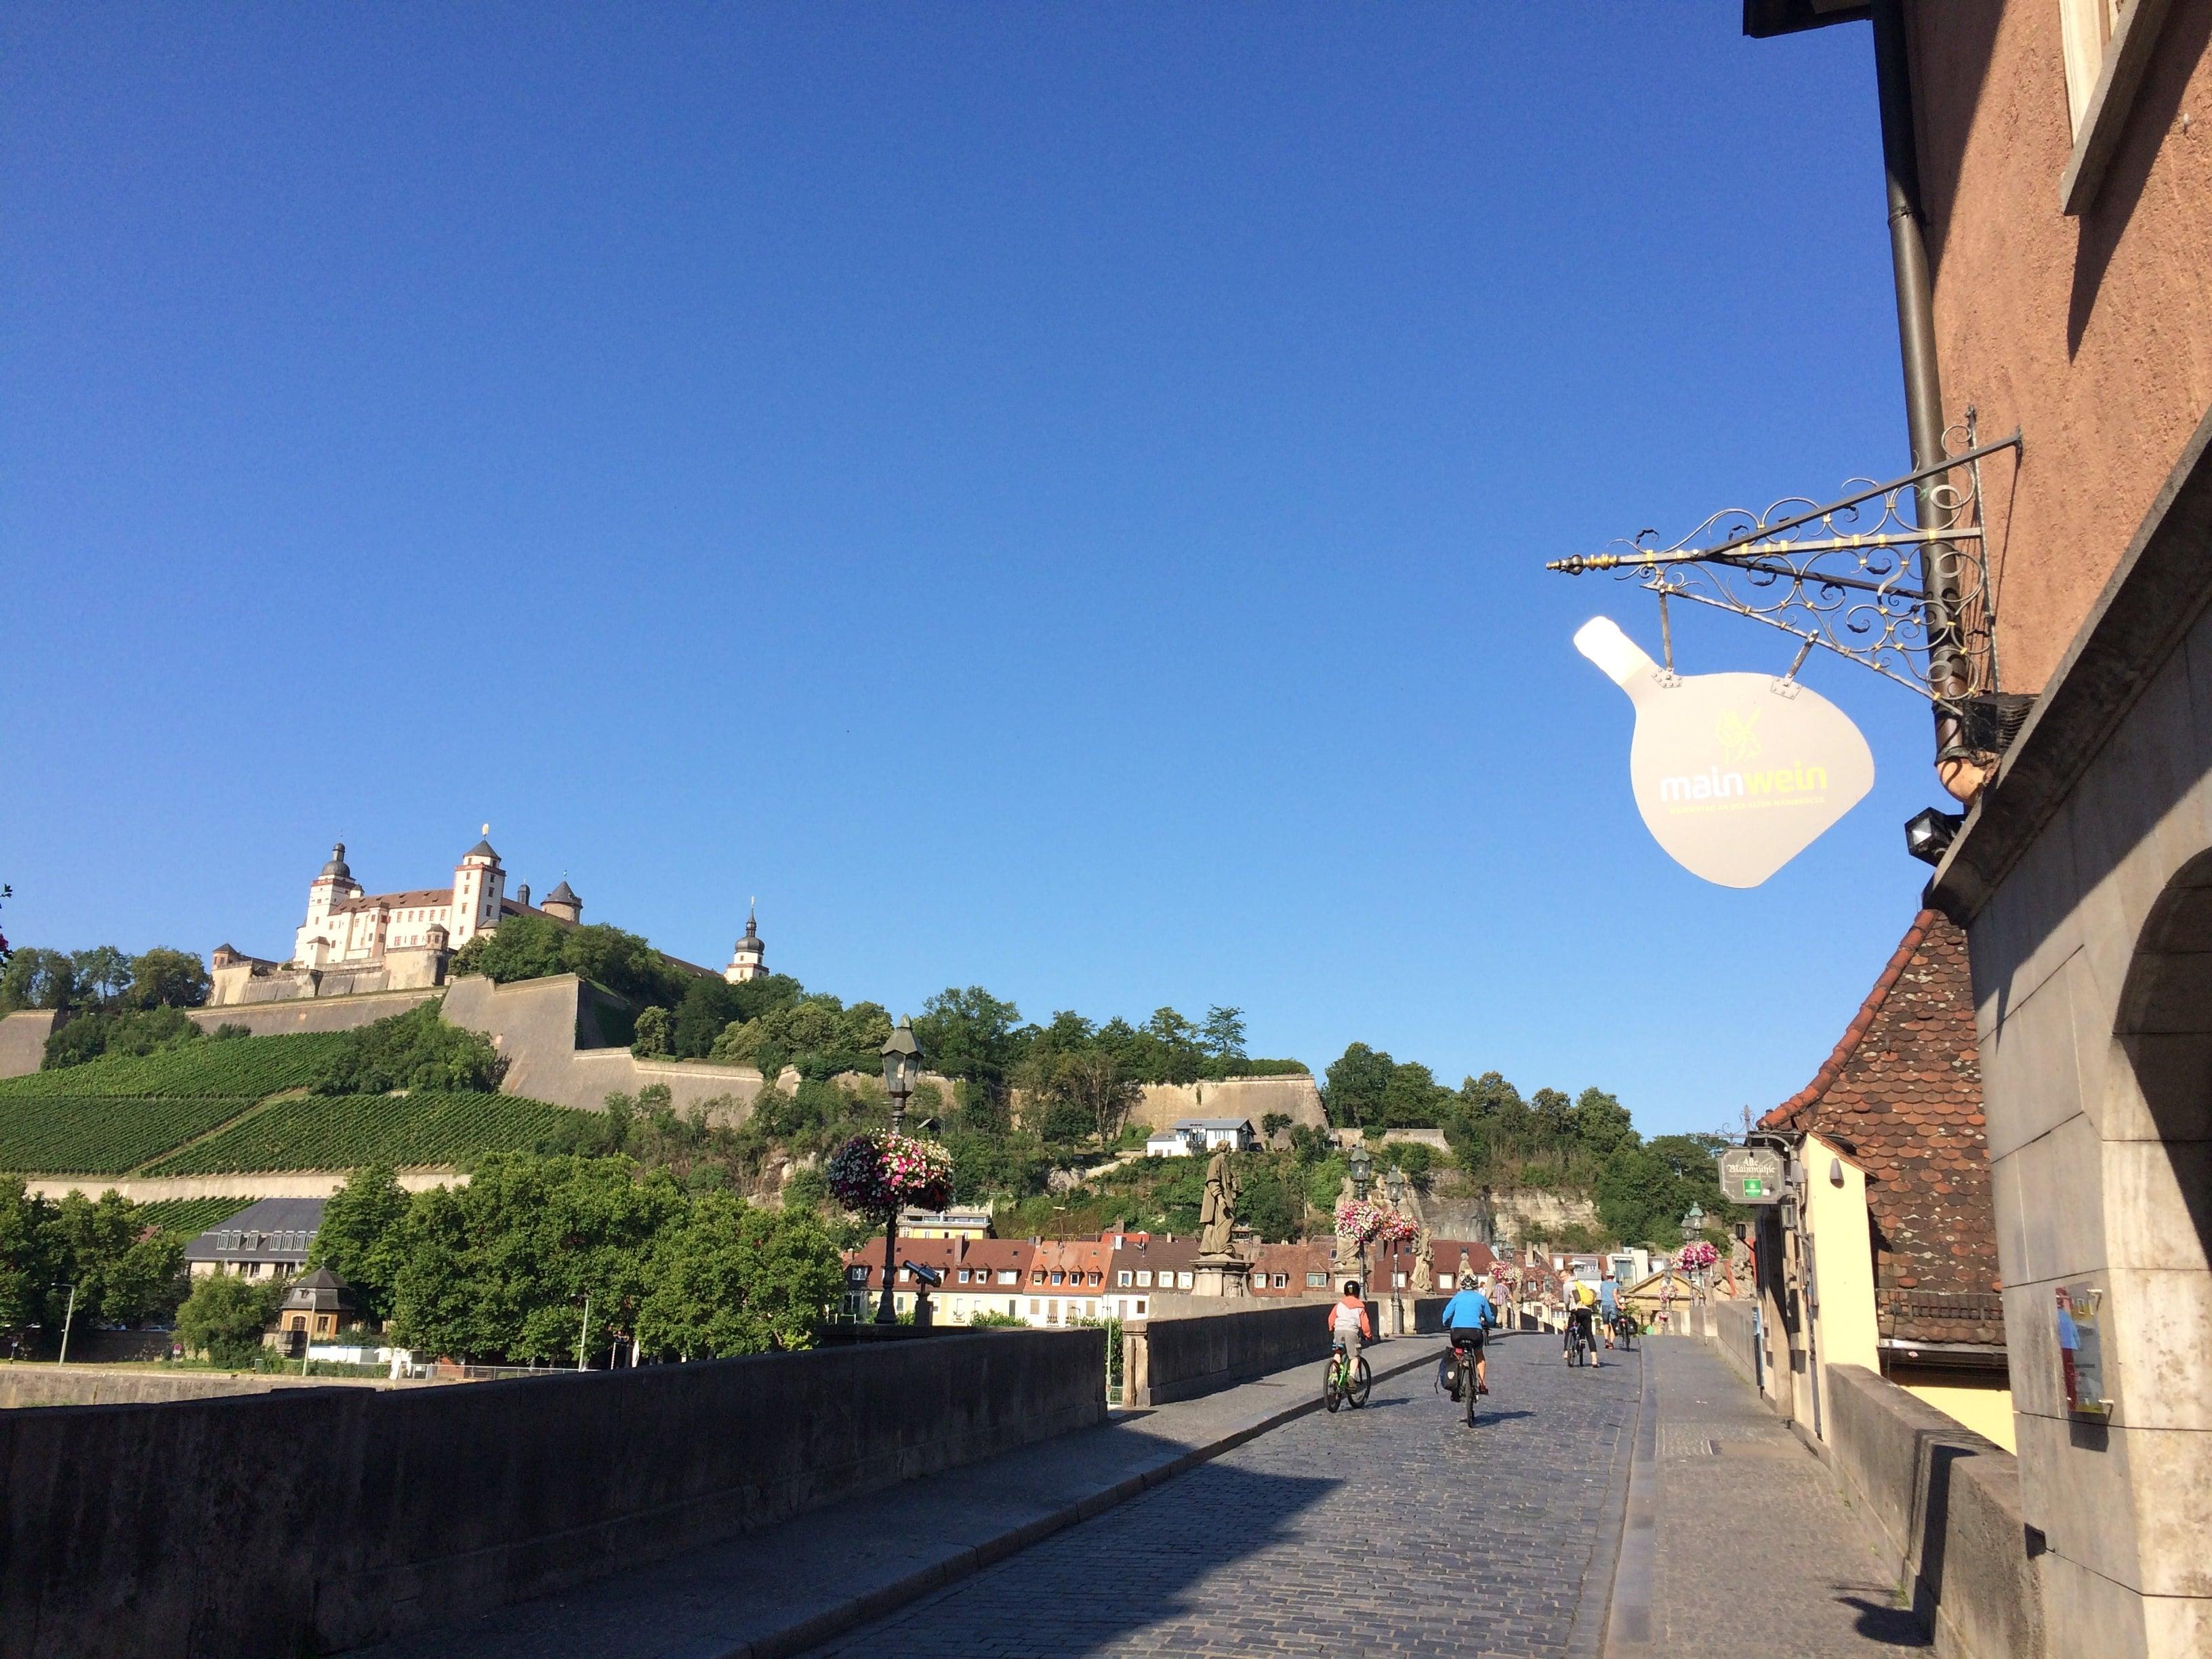 Würzburg: Il Meno, quando lo sguardo si apre sull'Alte Bruecke e sulla Marien Festung, residenza dei vescovi principi di Wuerzburg fino al 1719, possiede questa calma infinita, ancora oggi, e dischiude nel cuore del visitatore tormentato dal presente la possibilità di un respiro più grande.